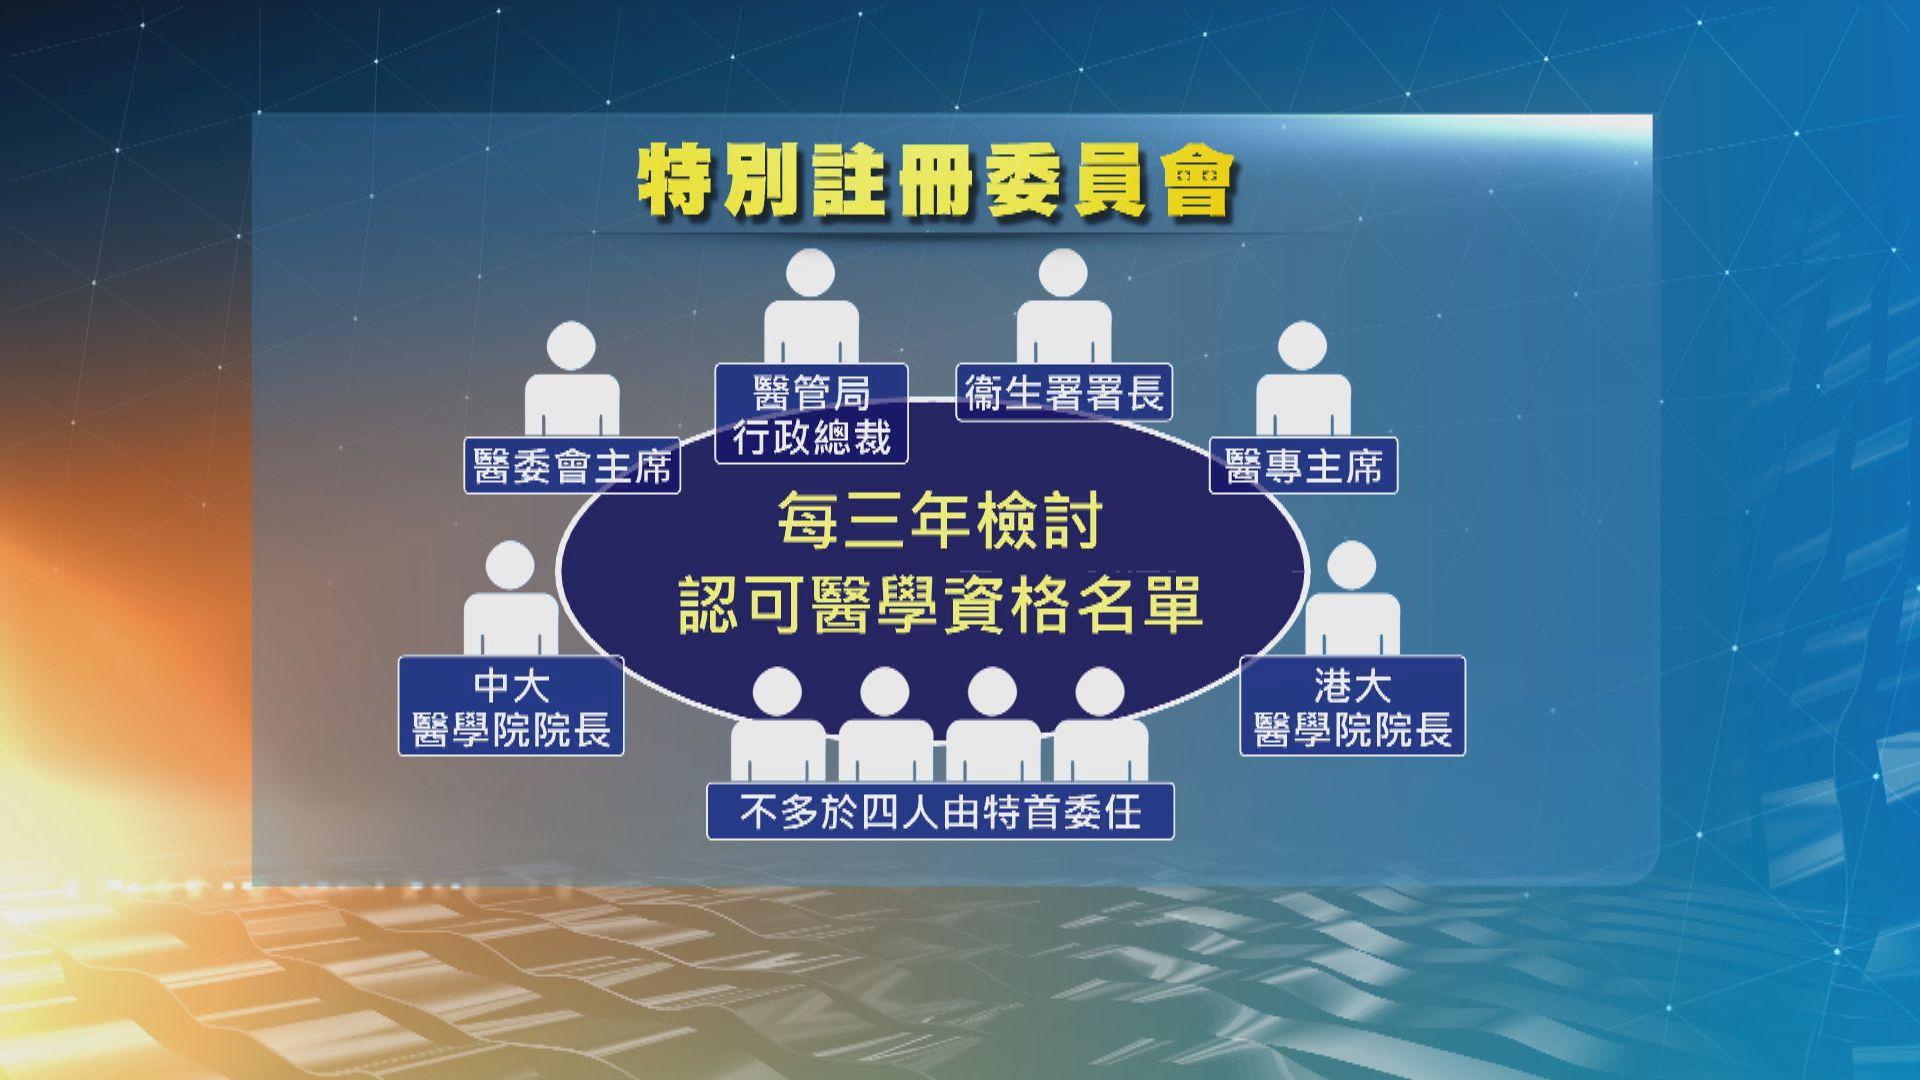 陳肇始:委員會制訂認可醫學資格名單不會有政治考慮